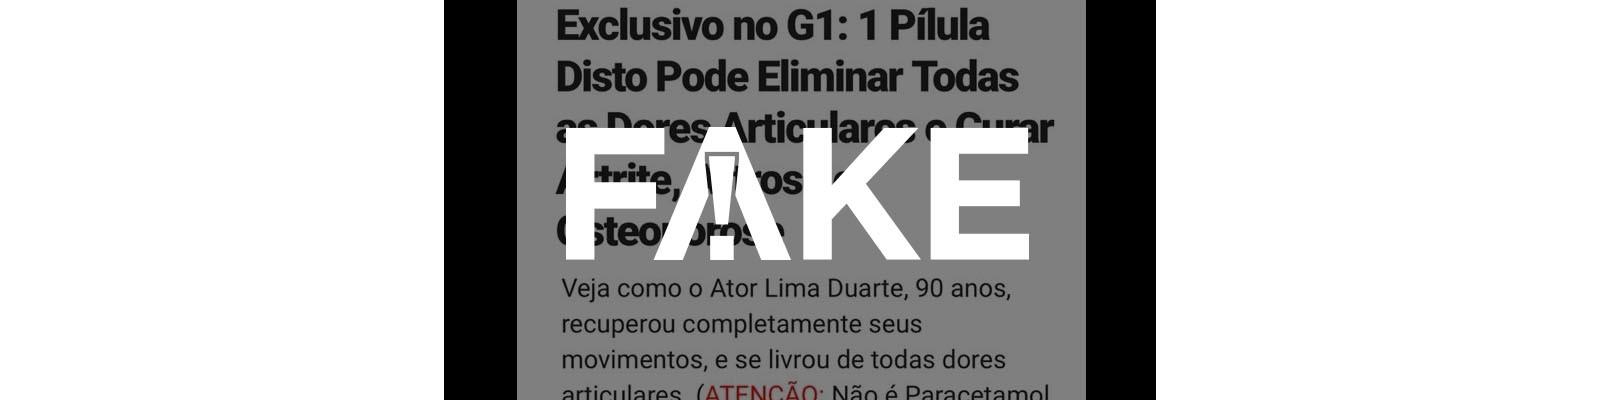 É #FAKE que Lima Duarte fez anúncio de pílula que cura qualquer tipo de dor nas articulações